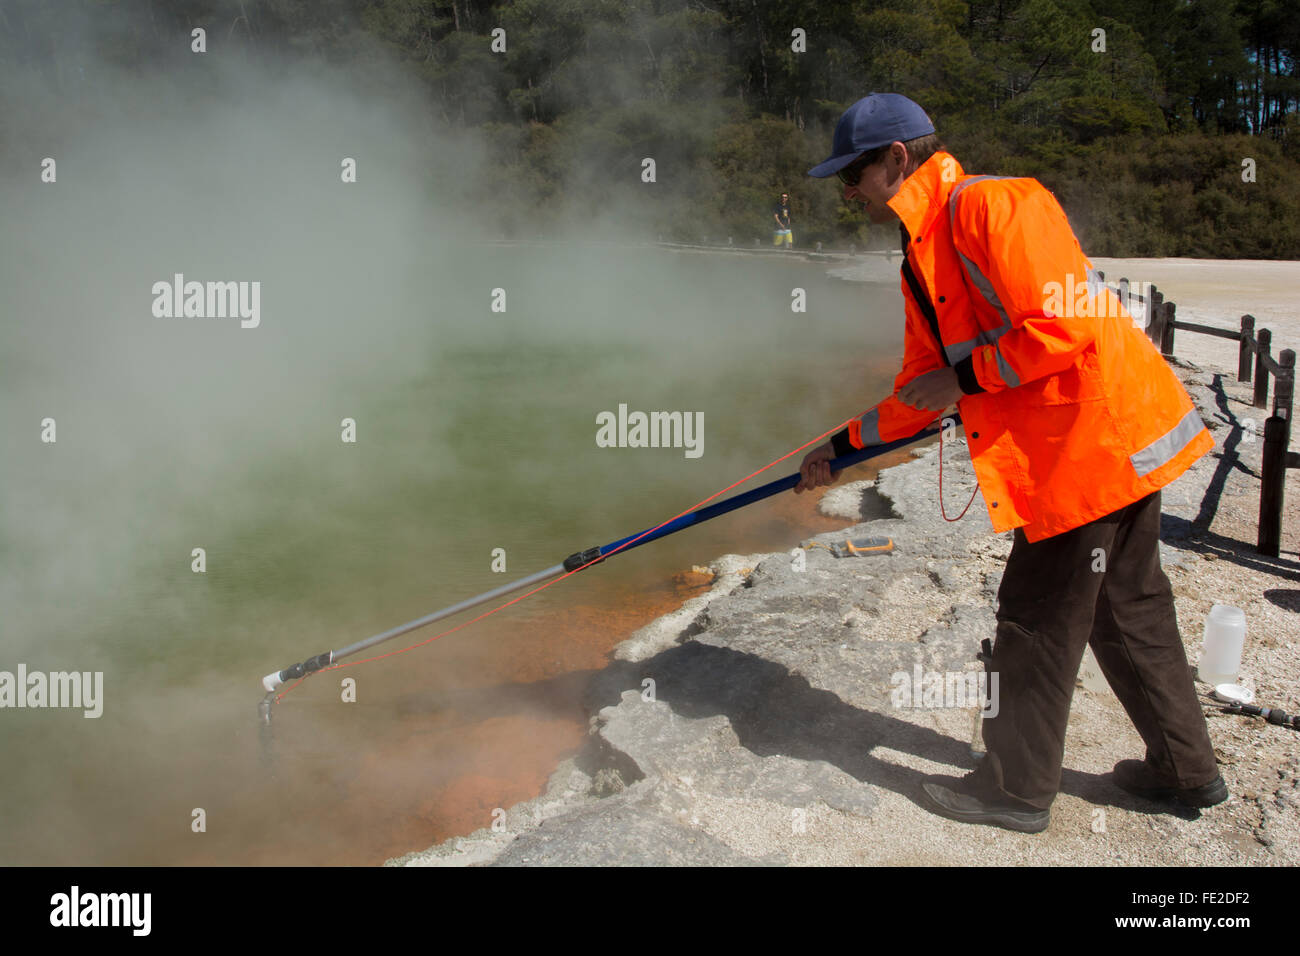 GNS Wissenschaftler Matt Stott wird Mikroorganismen aus der Champagne Pool im Bereich Wai-O-Tapu in Neuseeland bemustert. Stockfoto